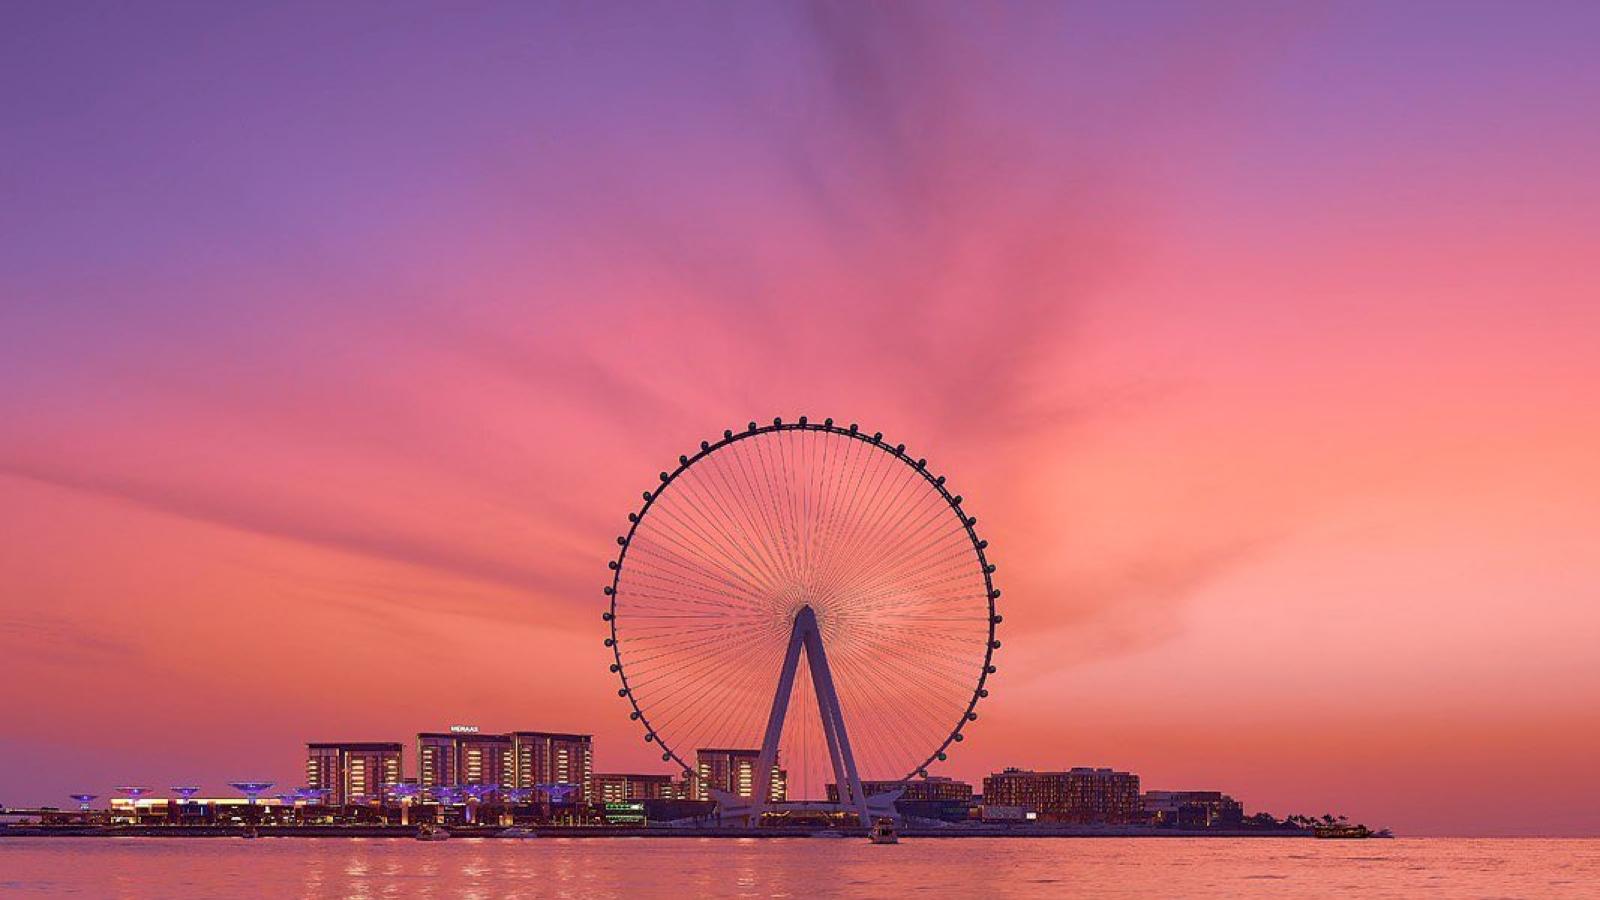 Dubai ra mắt vòng quay cao nhất thế giới, chịu bão cấp 12